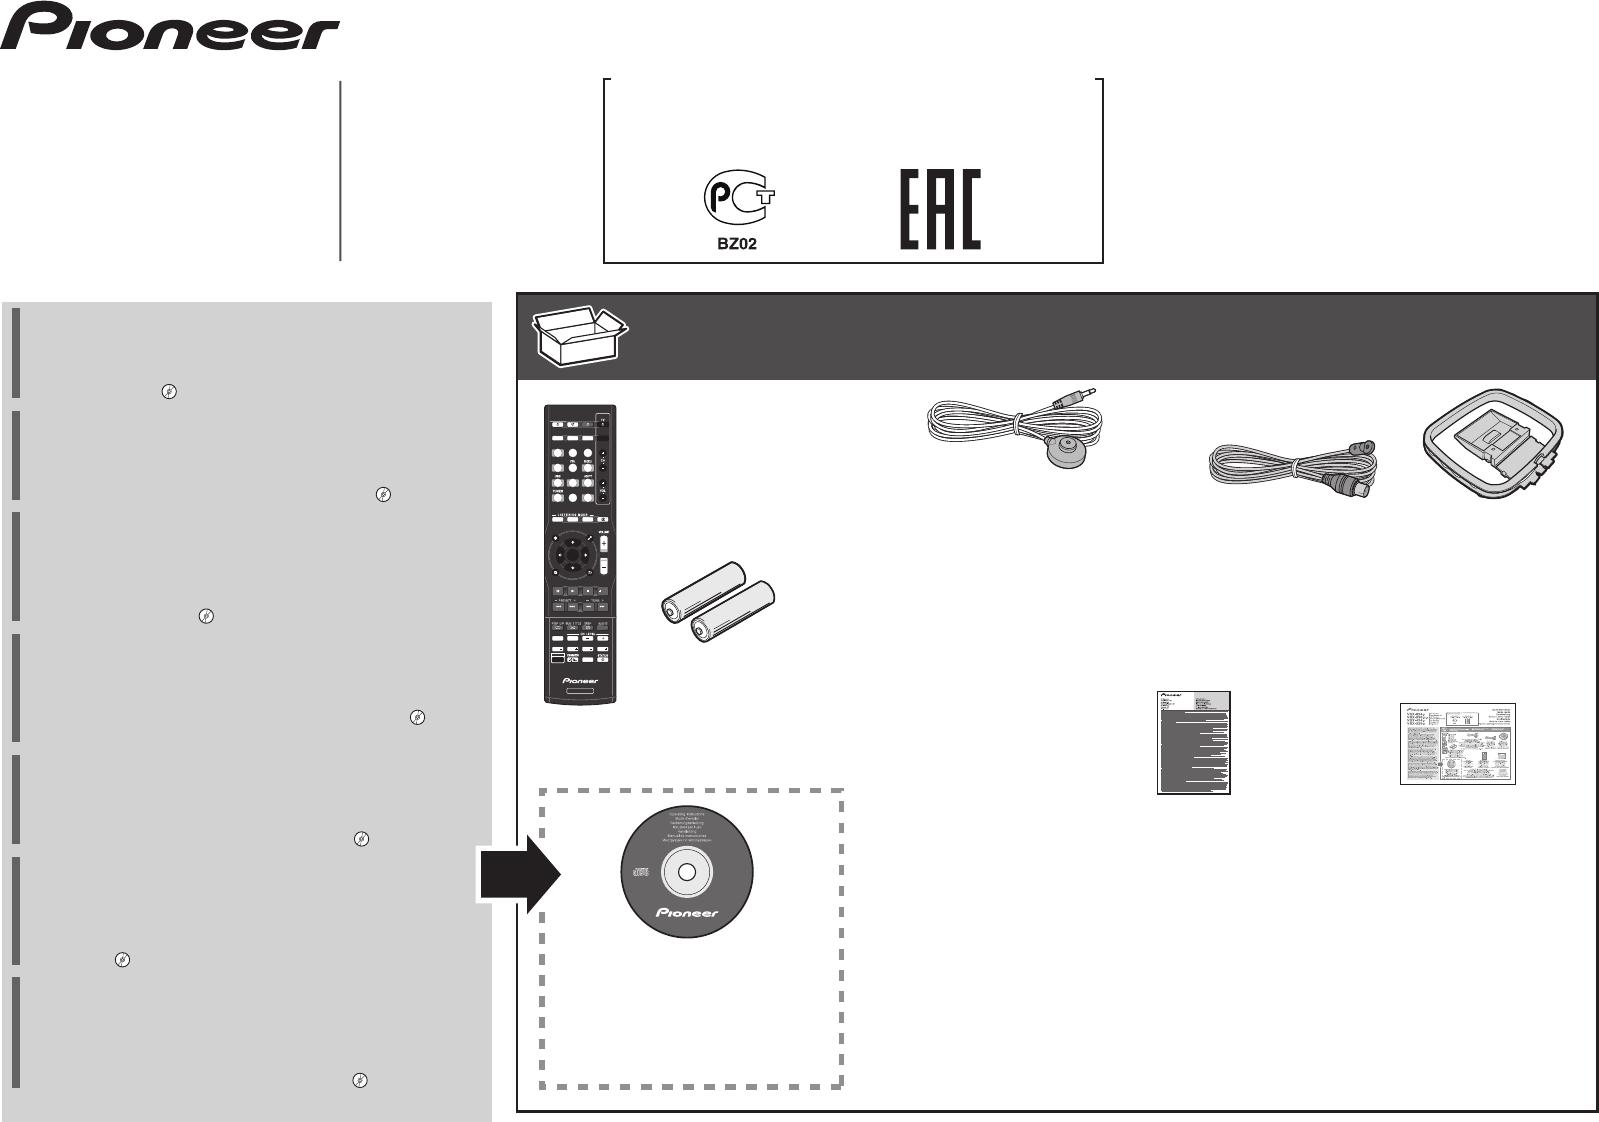 Handleiding Pioneer VSX-529 (pagina 1 van 48) (Deutsch ... on